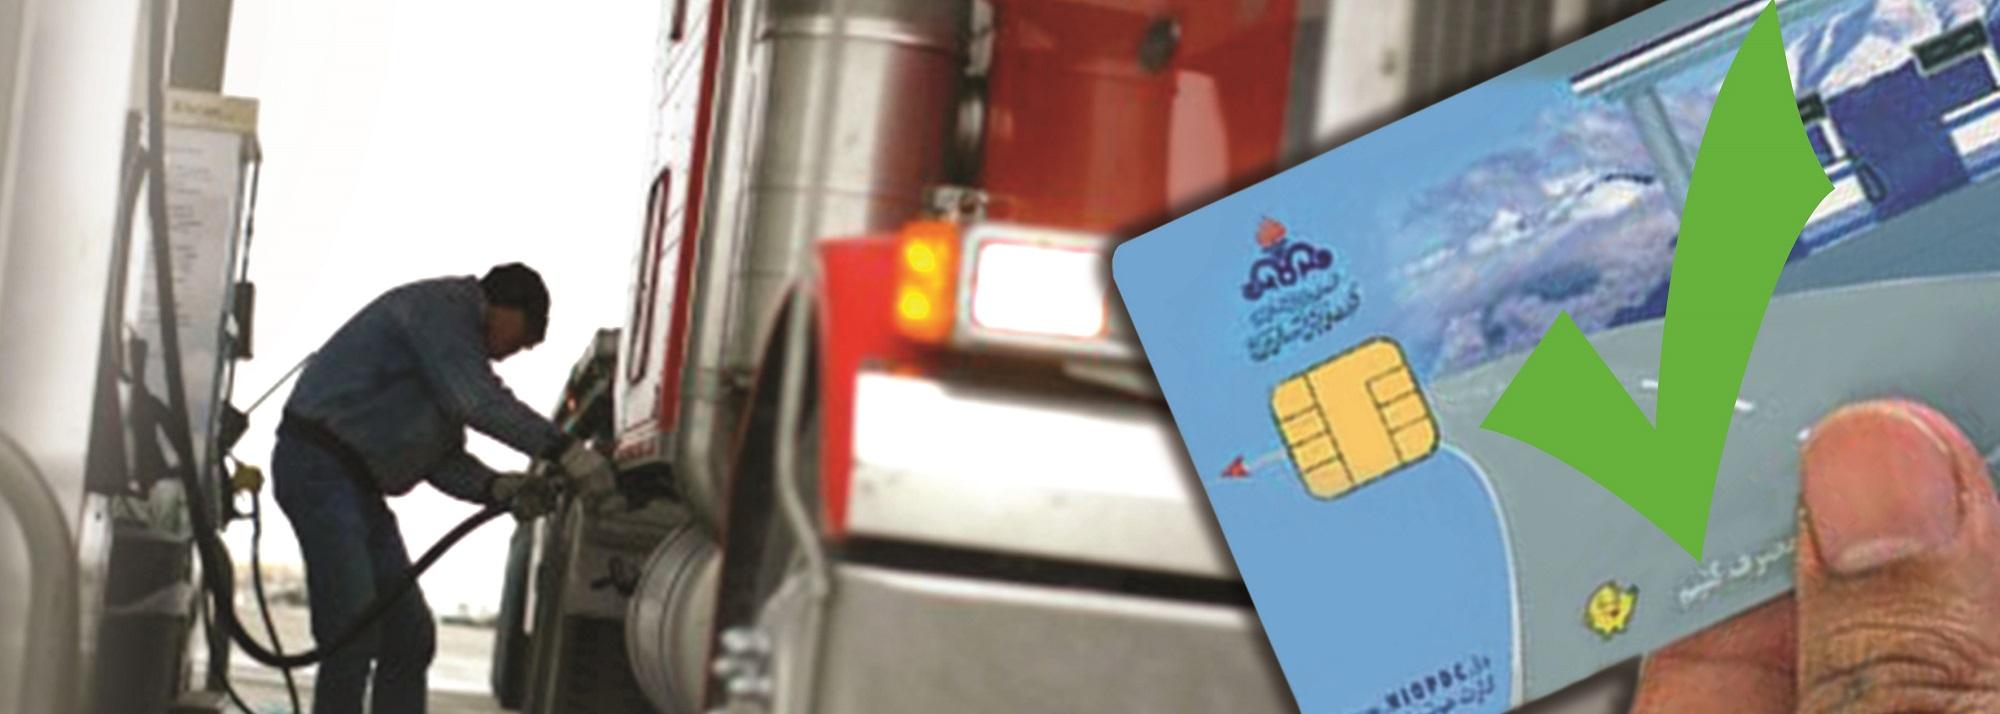 بنزین 1000 تومانی هم حریف مصرف نشد/ ابطال کارتهای بنزین ادامه دارد